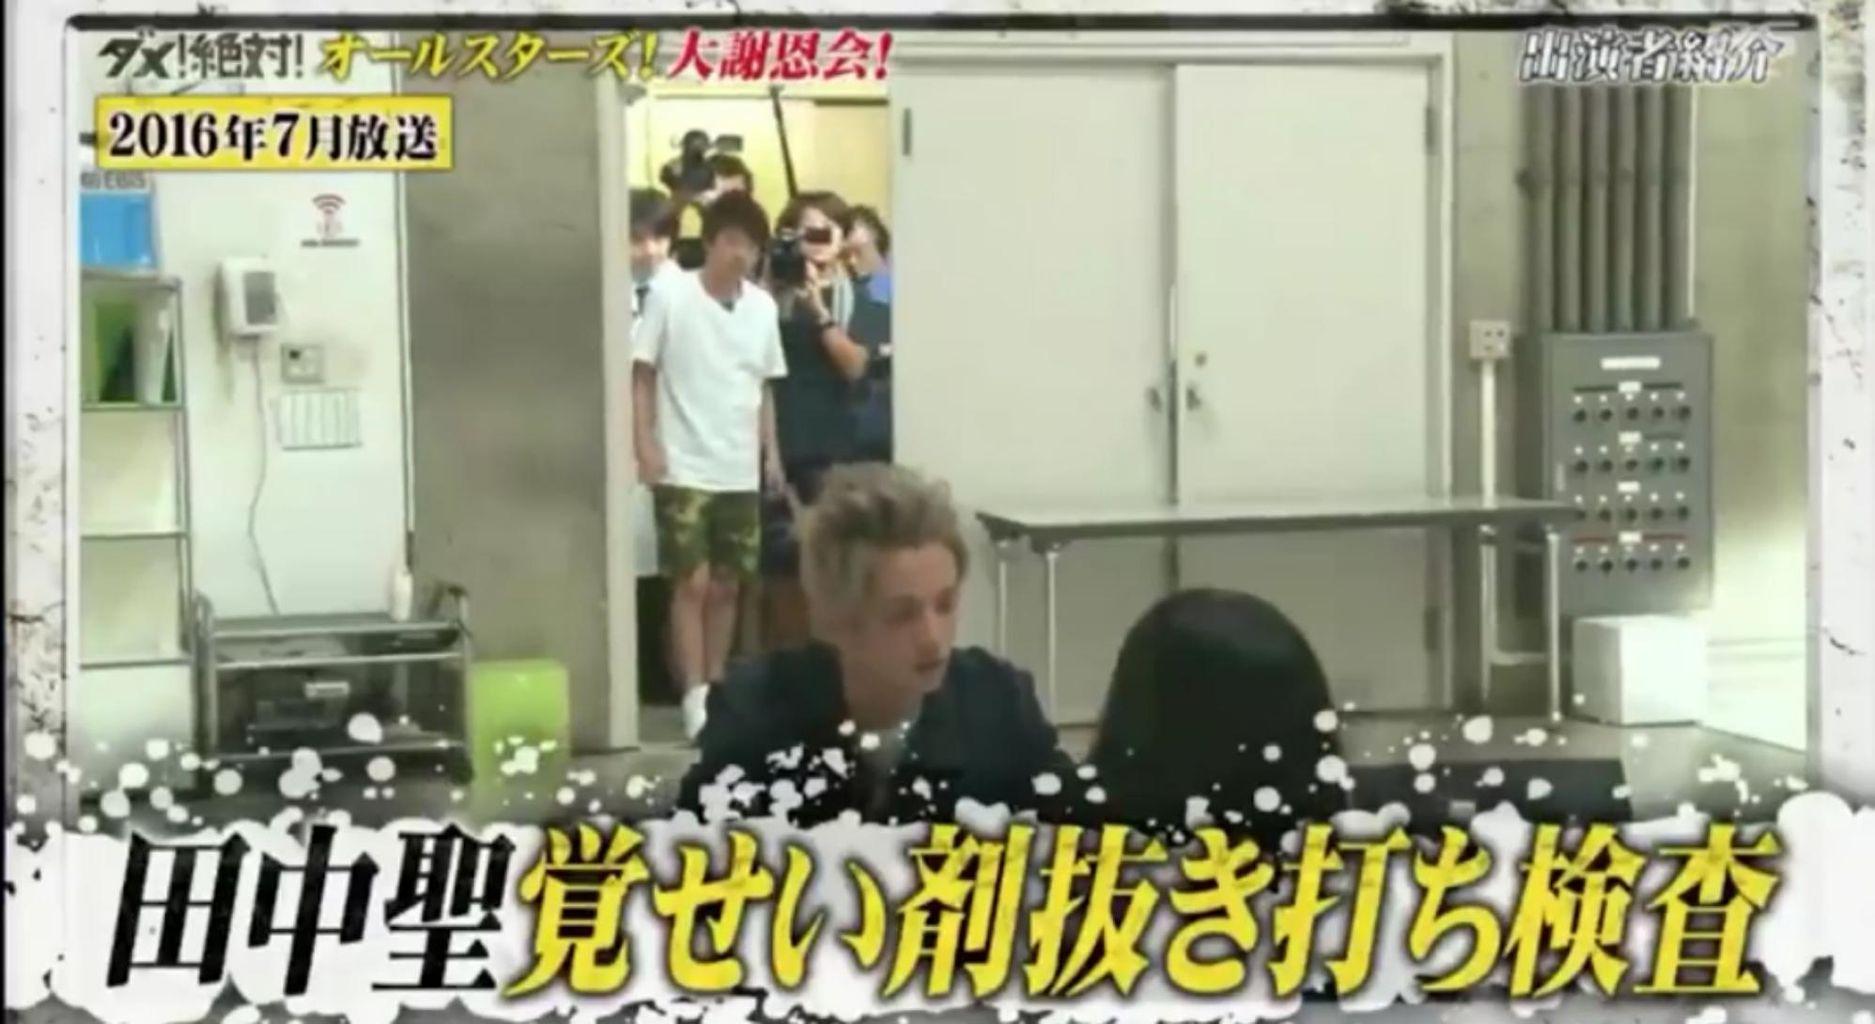 【芸能】元KAT-TUNの田中聖、大麻所持の疑いで逮捕